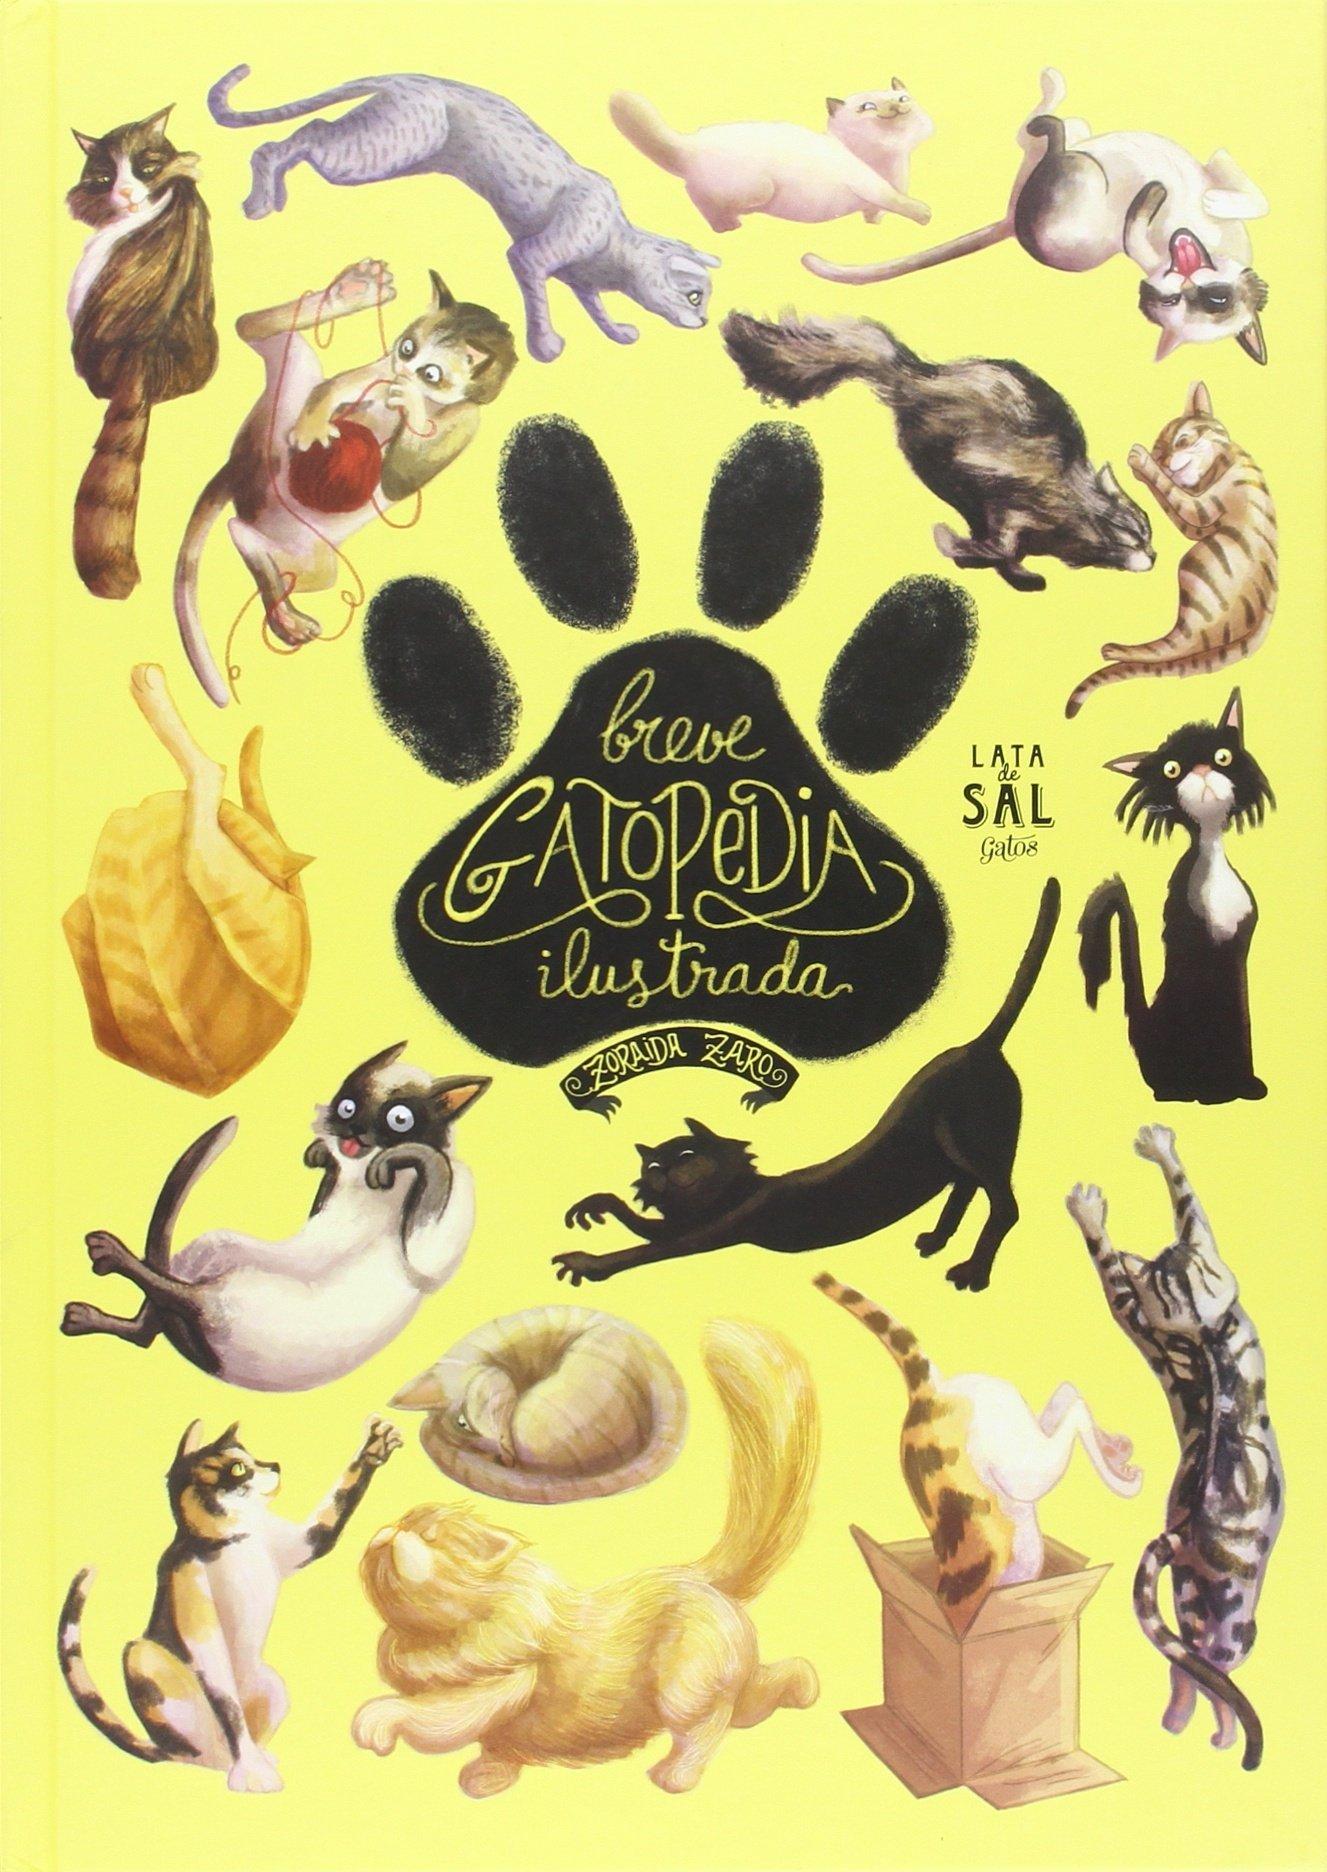 Breve Gatopedia Ilustrada (Colección Gatos) (Gallego) Tapa dura – Ilustrado, 27 abr 2016 Zoraida Zaro Soto Rafa Salgueiro Rodríguez Lata De Sal 8494469878